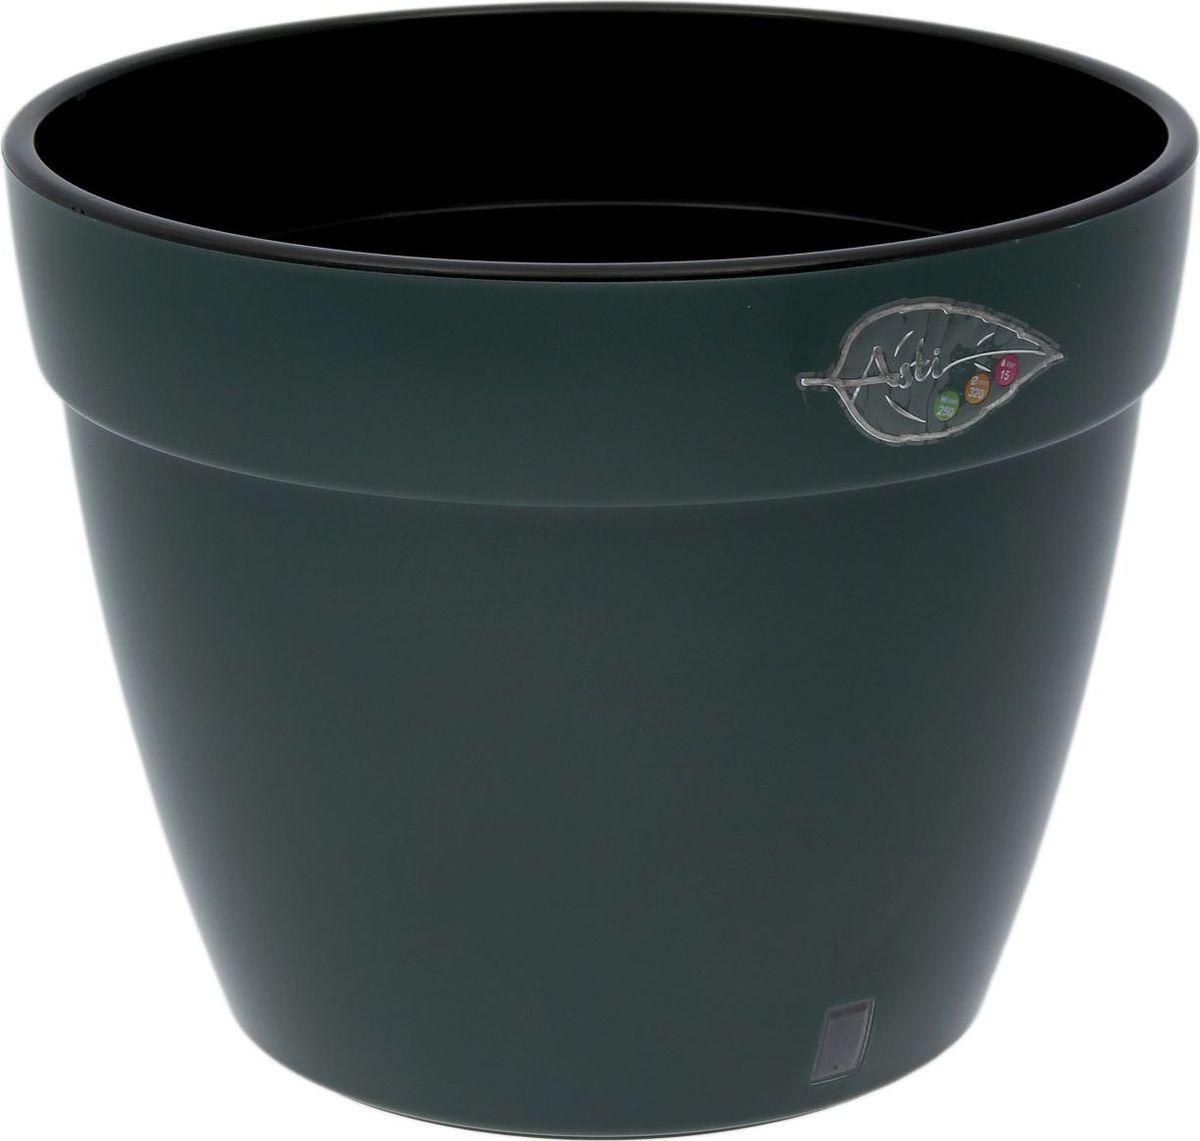 Горшок для цветов Santino Асти, цвет: зеленый, черный, 9 л4840952005328Любой, даже самый современный и продуманный интерьер будет незавершённым без растений. Они не только очищают воздух и насыщают его кислородом, но и украшают окружающее пространство. Такому полезному члену семьи просто необходим красивый и функциональный дом! Мы предлагаем #name#! Оптимальный выбор материала — пластмасса! Почему мы так считаем?Малый вес. С лёгкостью переносите горшки и кашпо с места на место, ставьте их на столики или полки, не беспокоясь о нагрузке. Простота ухода. Кашпо не нуждается в специальных условиях хранения. Его легко чистить — достаточно просто сполоснуть тёплой водой. Никаких потёртостей. Такие кашпо не царапают и не загрязняют поверхности, на которых стоят. Пластик дольше хранит влагу, а значит, растение реже нуждается в поливе. Пластмасса не пропускает воздух — корневой системе растения не грозят резкие перепады температур. Огромный выбор форм, декора и расцветок — вы без труда найдёте что-то, что идеально впишется в уже существующий интерьер. Соблюдая нехитрые правила ухода, вы можете заметно продлить срок службы горшков и кашпо из пластика:всегда учитывайте размер кроны и корневой системы (при разрастании большое растение способно повредить маленький горшок)берегите изделие от воздействия прямых солнечных лучей, чтобы горшки не выцветалидержите кашпо из пластика подальше от нагревающихся поверхностей. Создавайте прекрасные цветочные композиции, выращивайте рассаду или необычные растения.